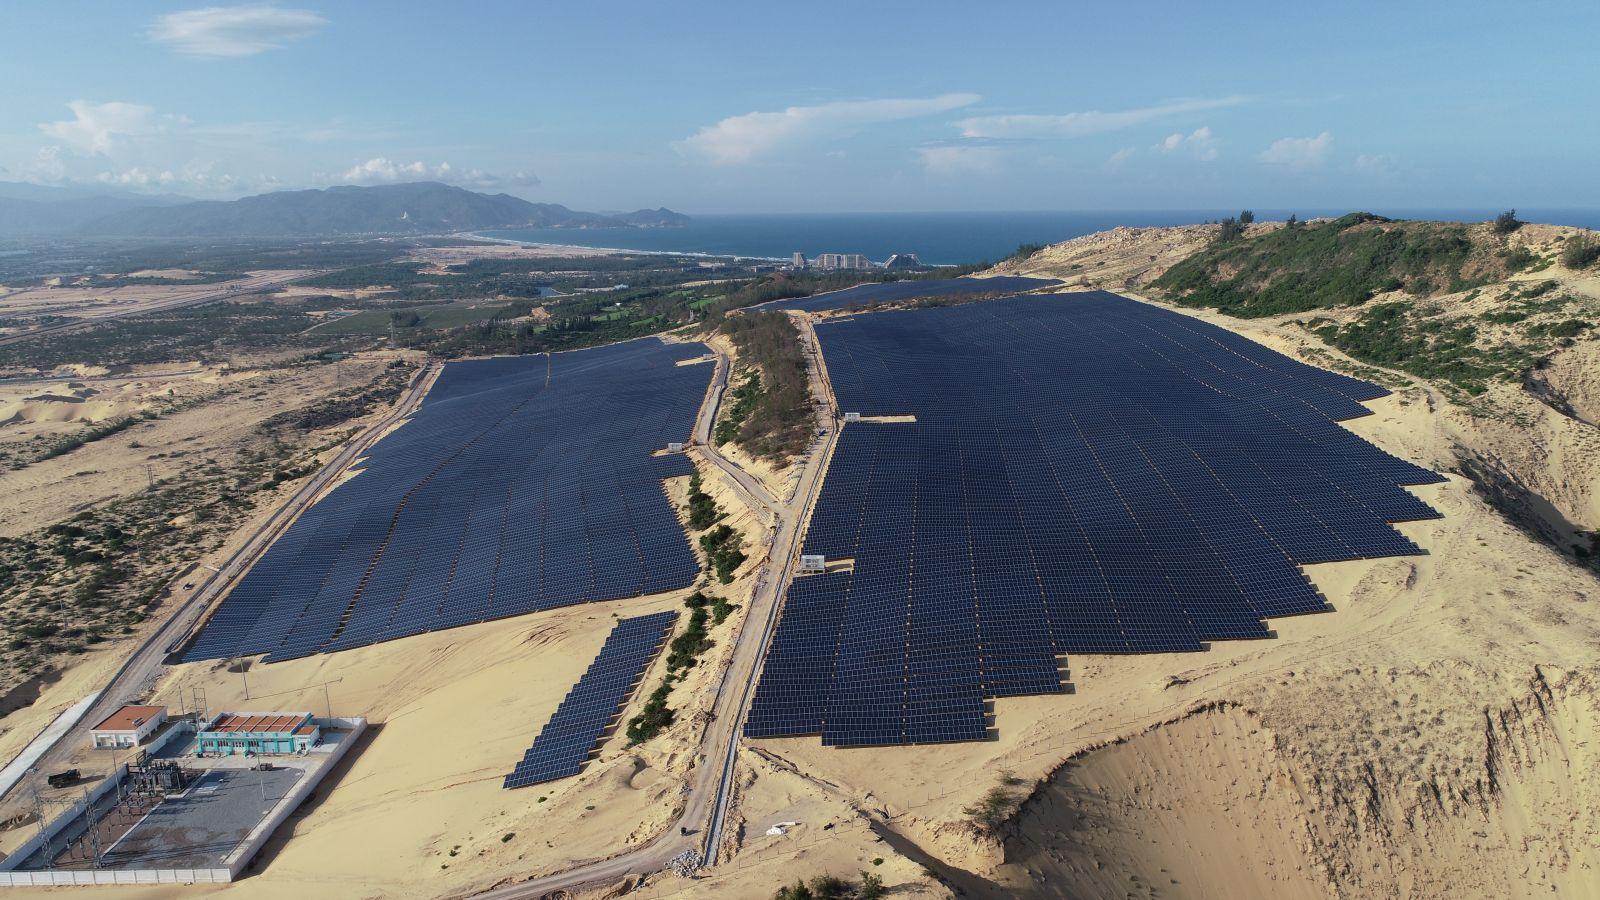 nhà máy điện mặt trời fujiwara Bình Định